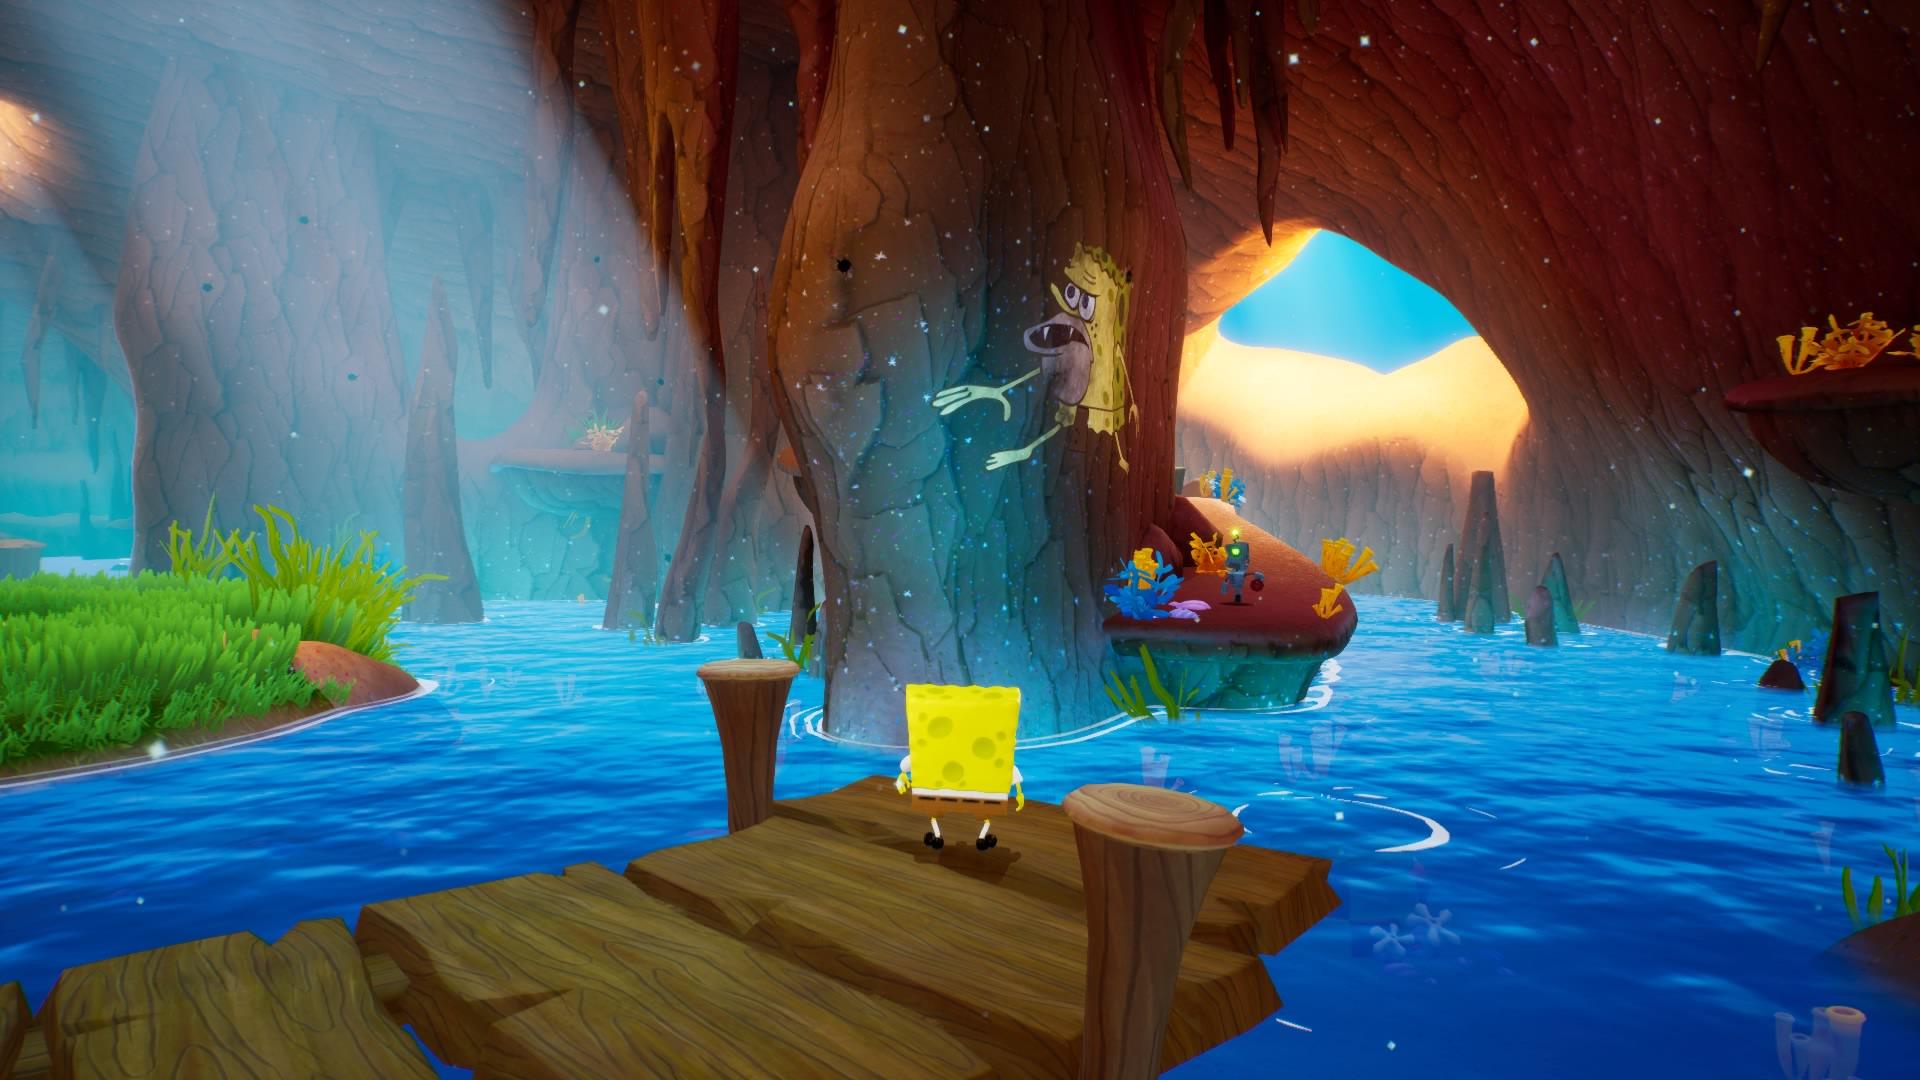 Recenzja SpongeBob SquarePants: Battle for Bikini Bottom - Rehydrated. Naprawdę udany tytuł nie tylko dla najmłodszych 17